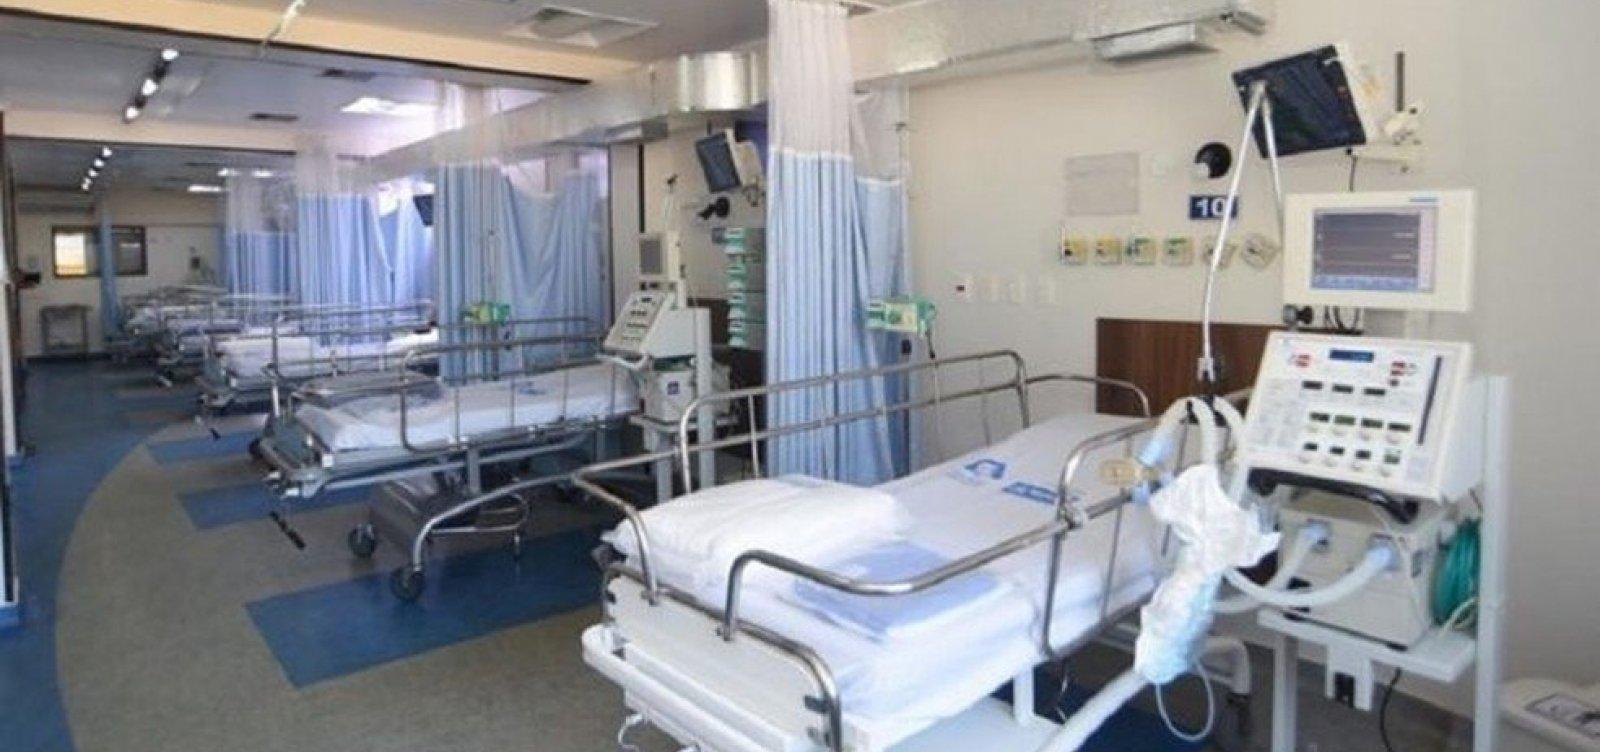 Prates diz que Prefeitura recorreu no STF para instalar leitos no Hospital Salvador